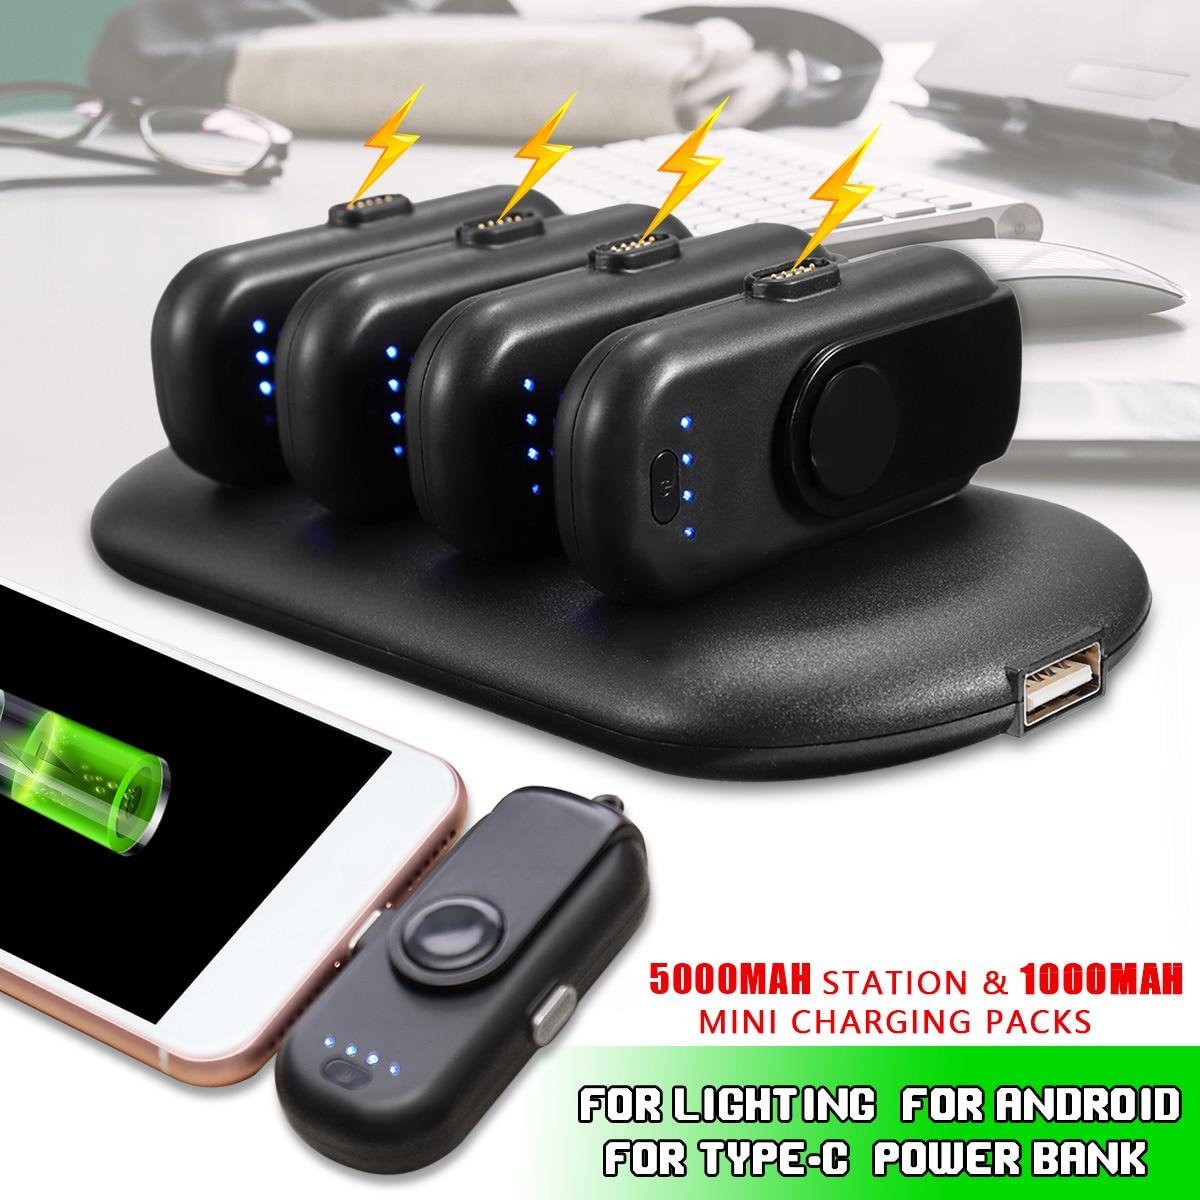 LEORY 4 Dans 1 Mini Portable Puissance Banque Magnétique Doigt Pow Chargeur Pour iPhone Foudre/Android/Type- C Portable Chargeur